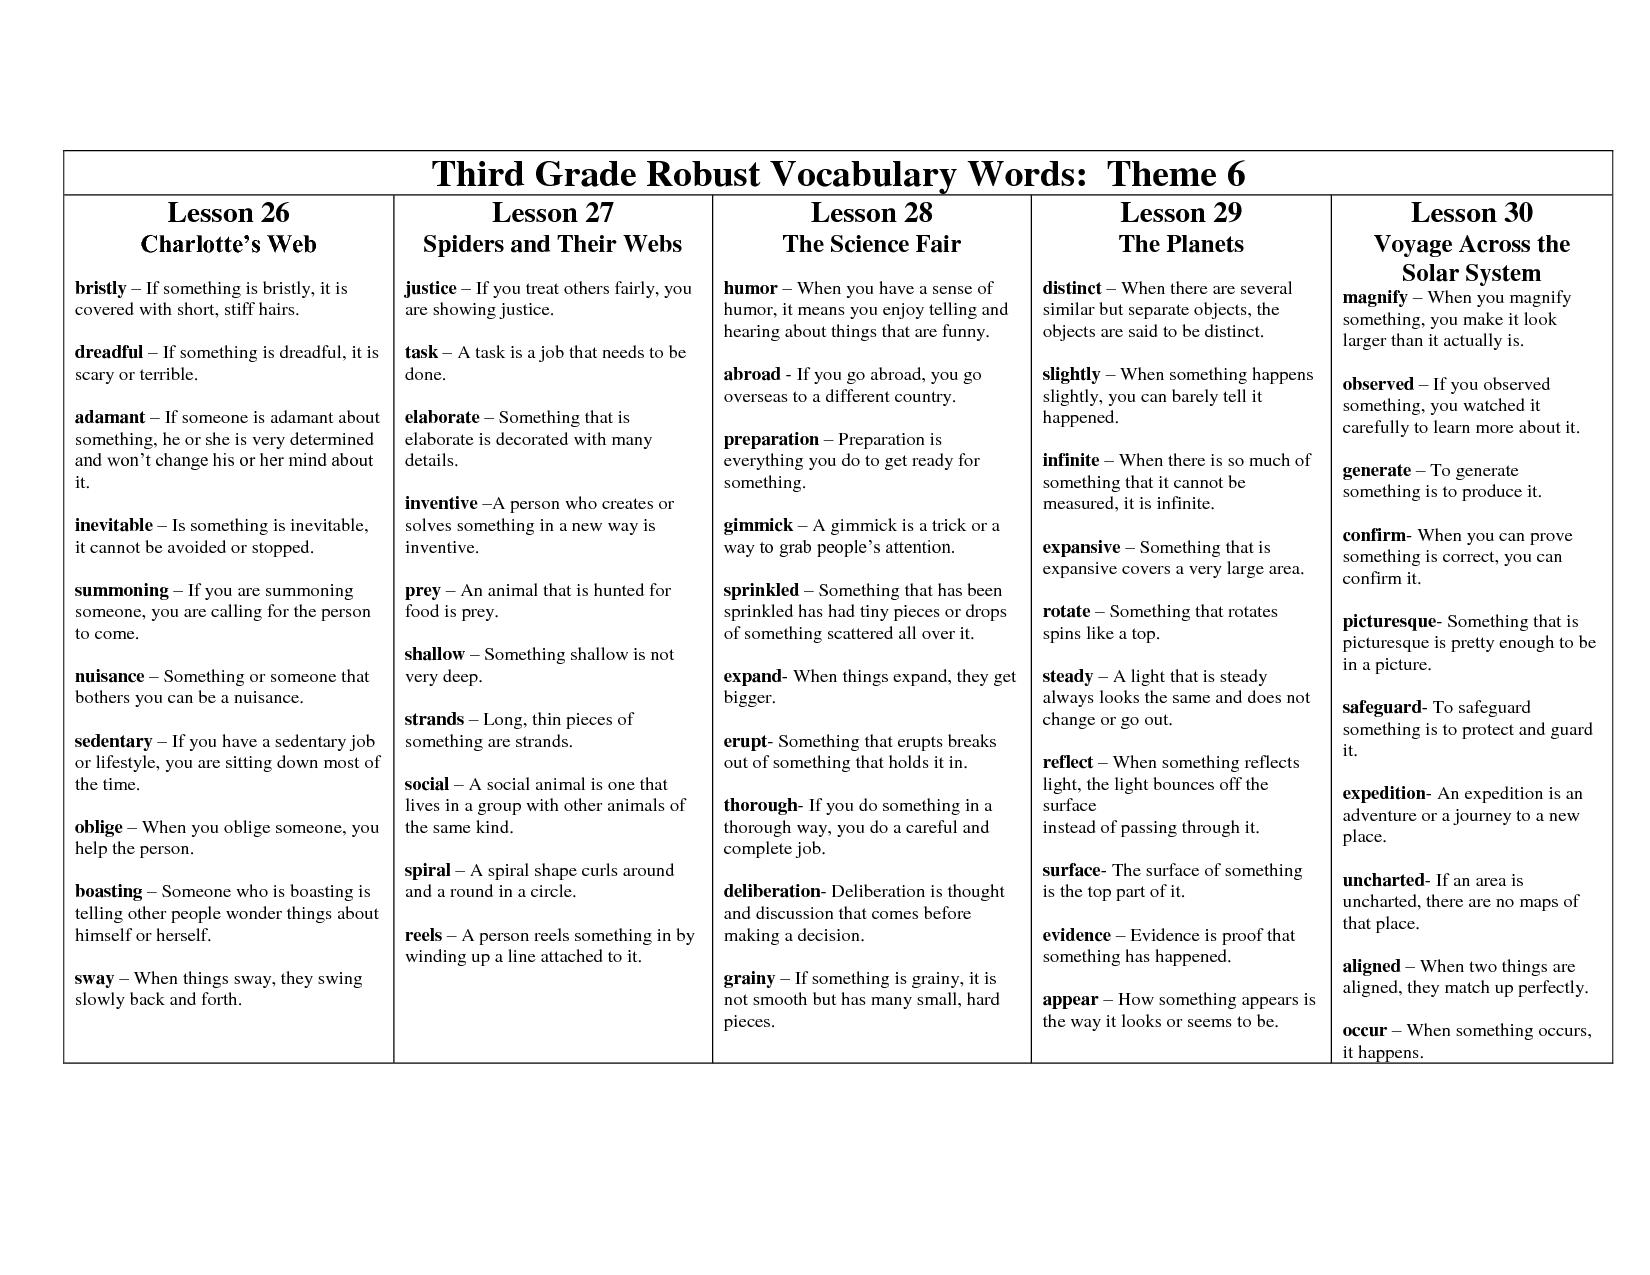 third grade vocabulary spelling Third Grade Robust